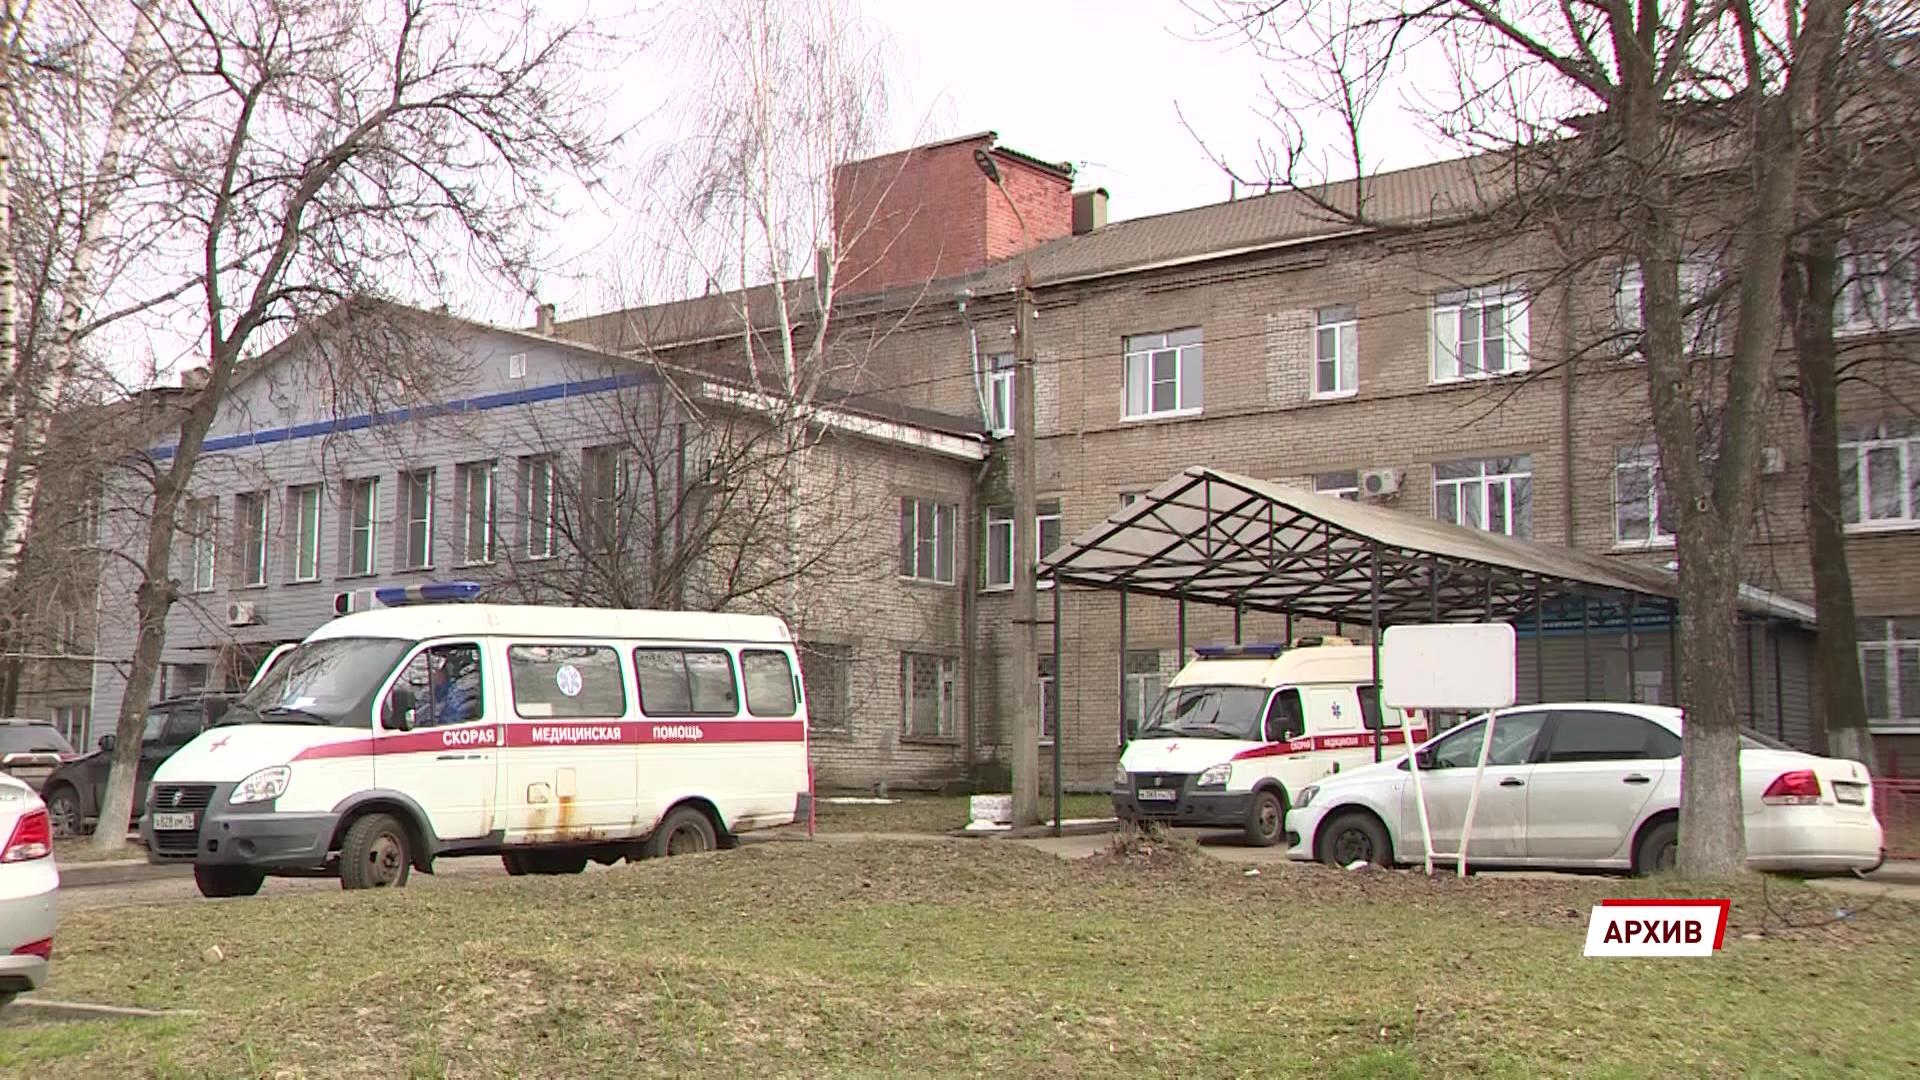 В медучреждения области поступили средства защиты на сумму более 20 млн рублей